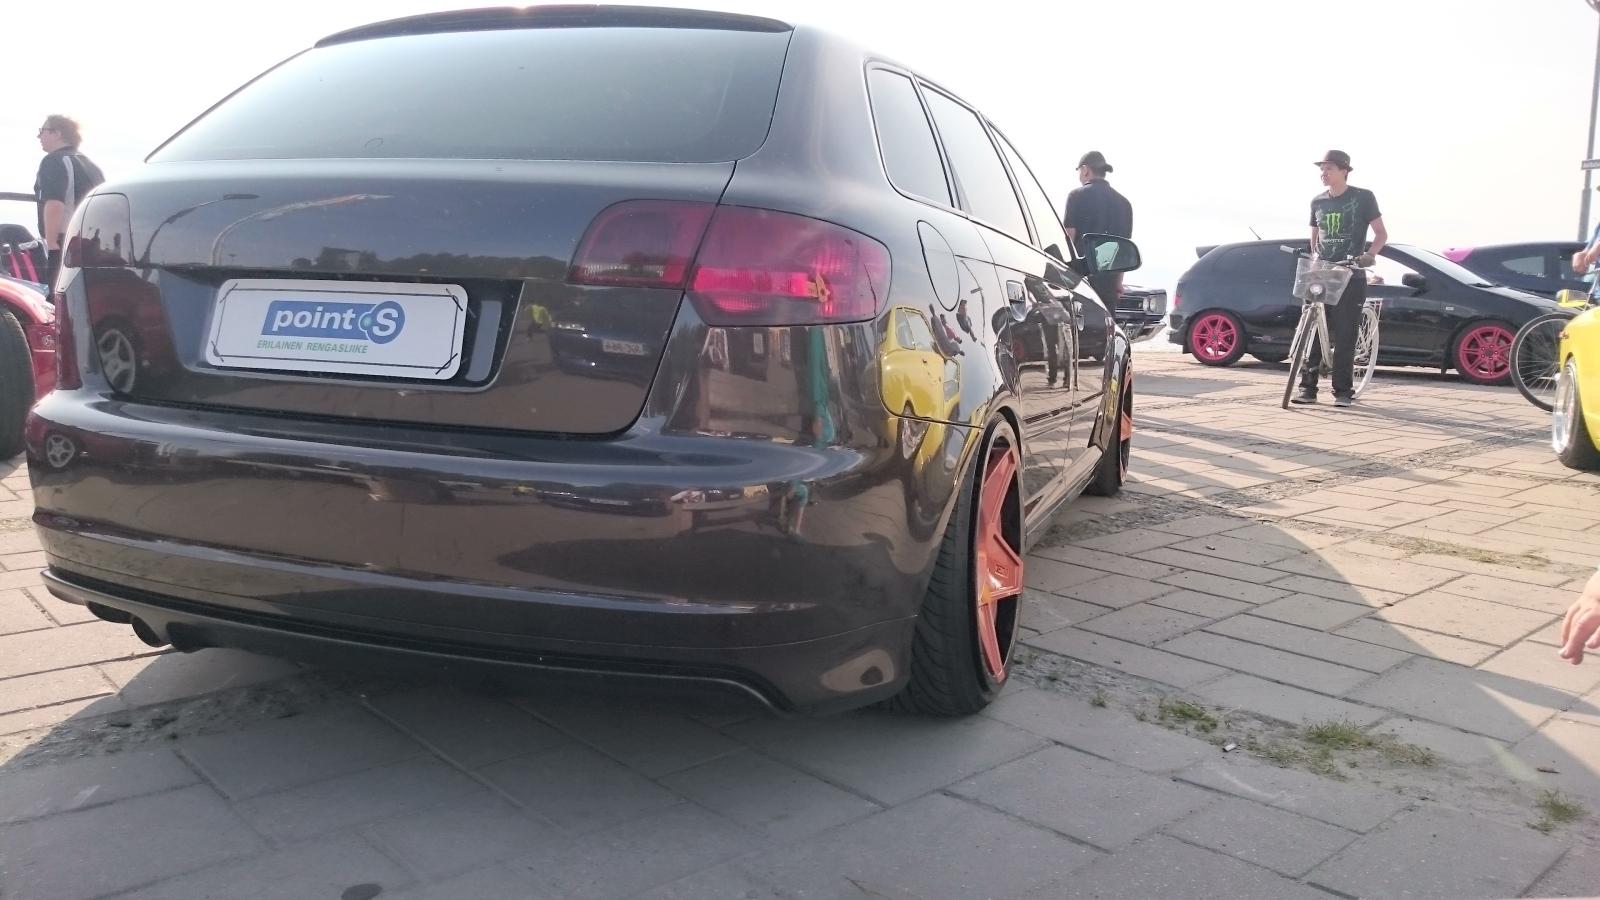 Kuvia käyttäjien autoista 2eeviq8